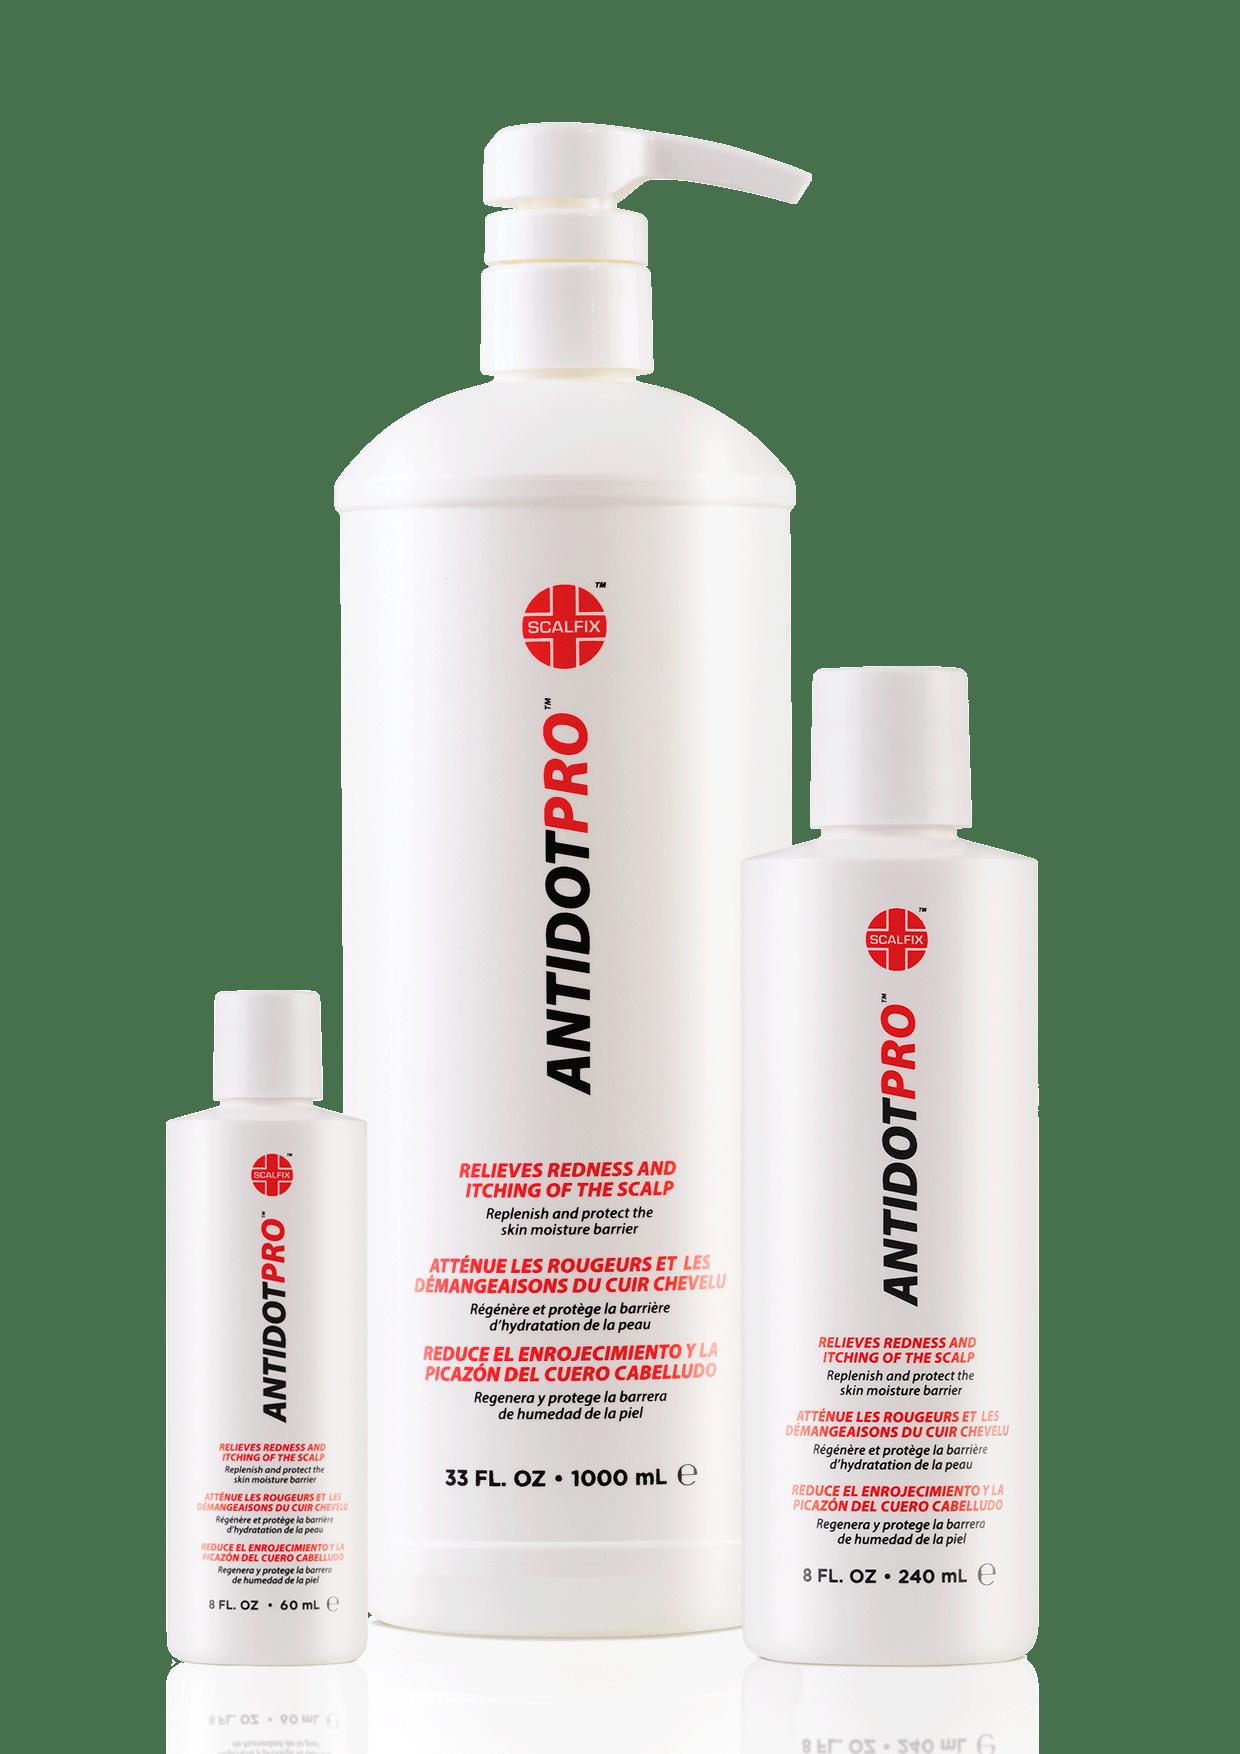 Antidot Pro Scalfix 1000 + 60 + 240 ml